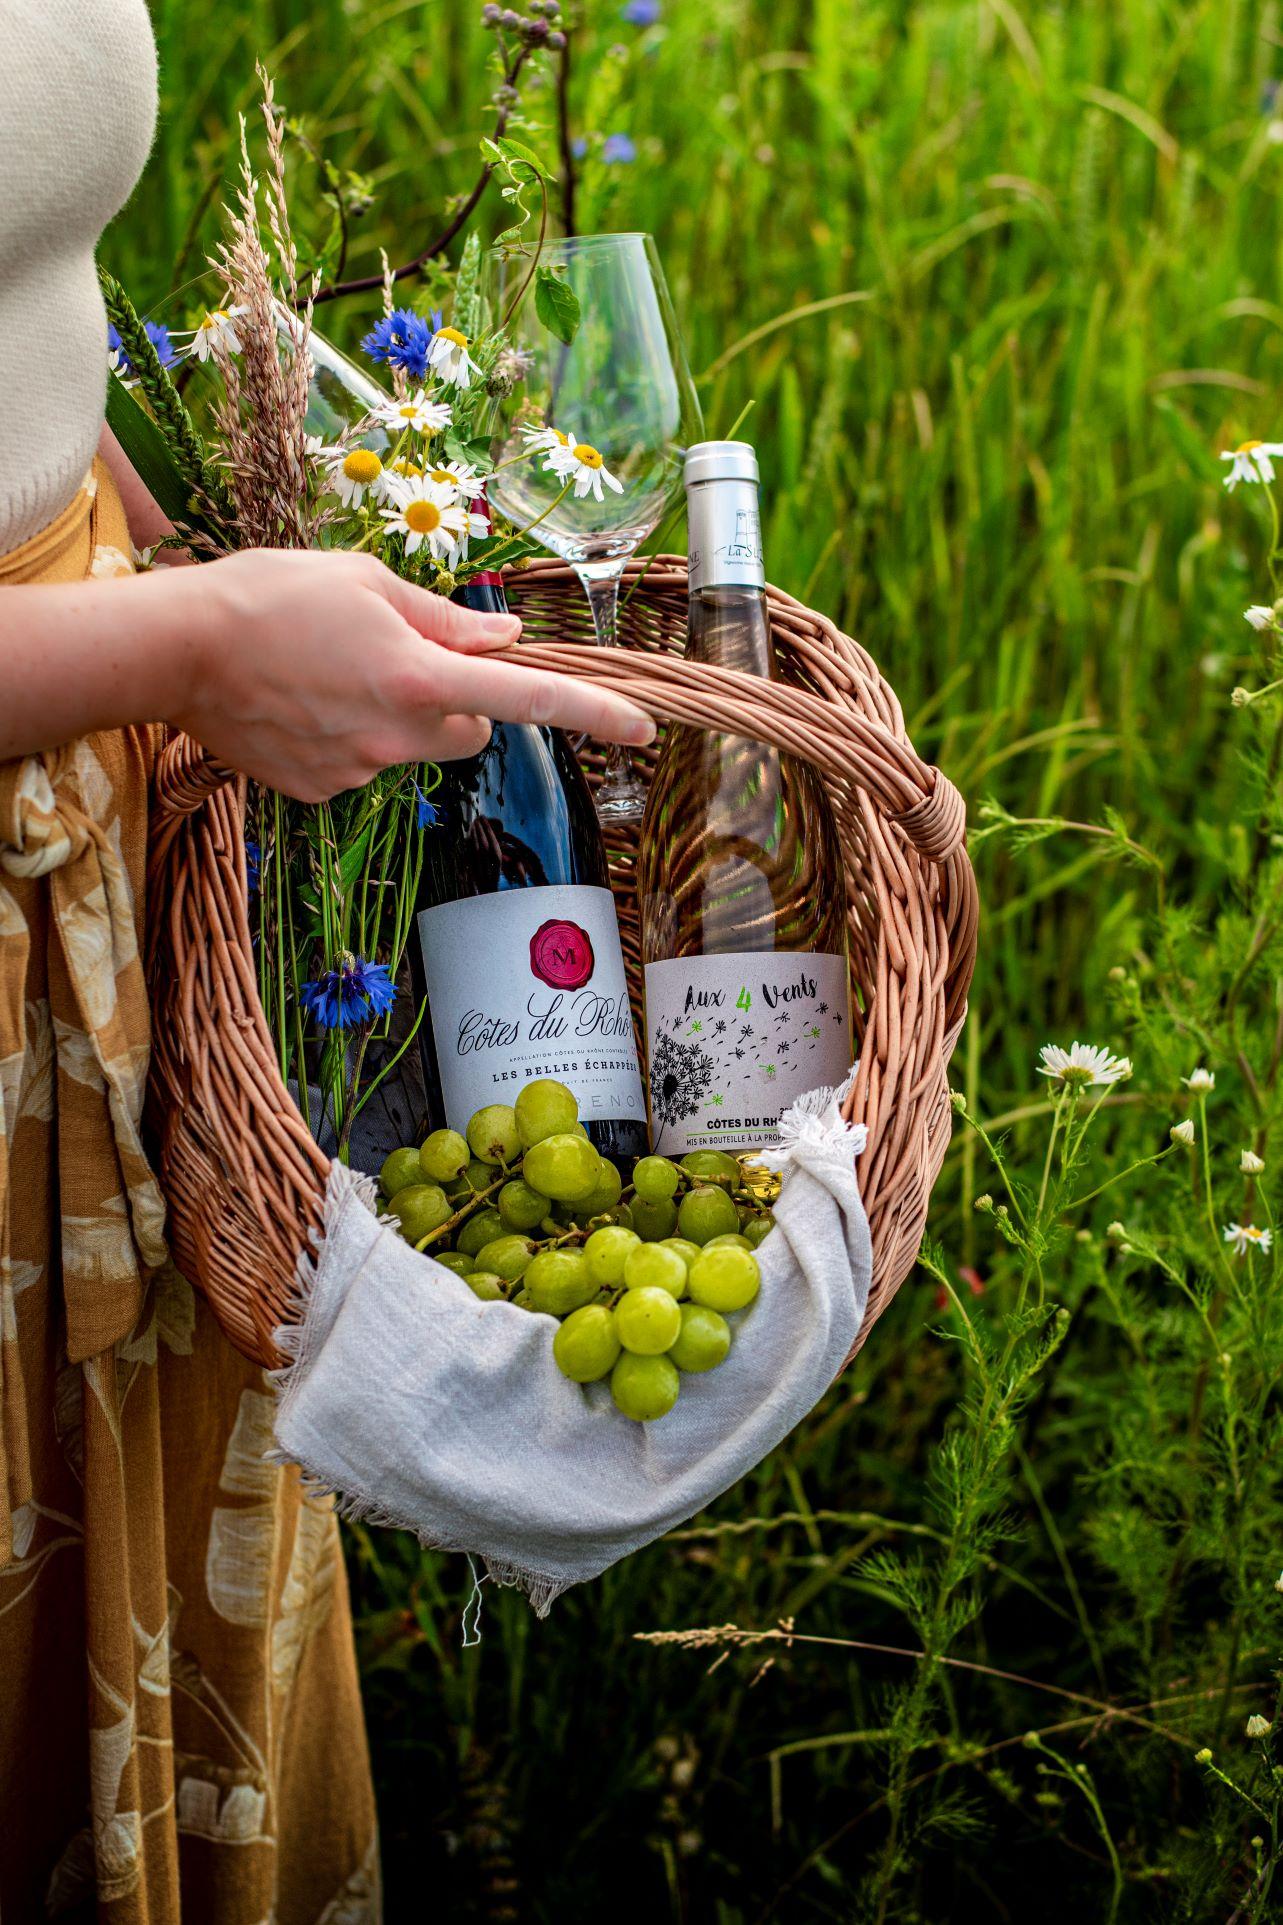 Picknick mit Côtes du Rhone Weinen